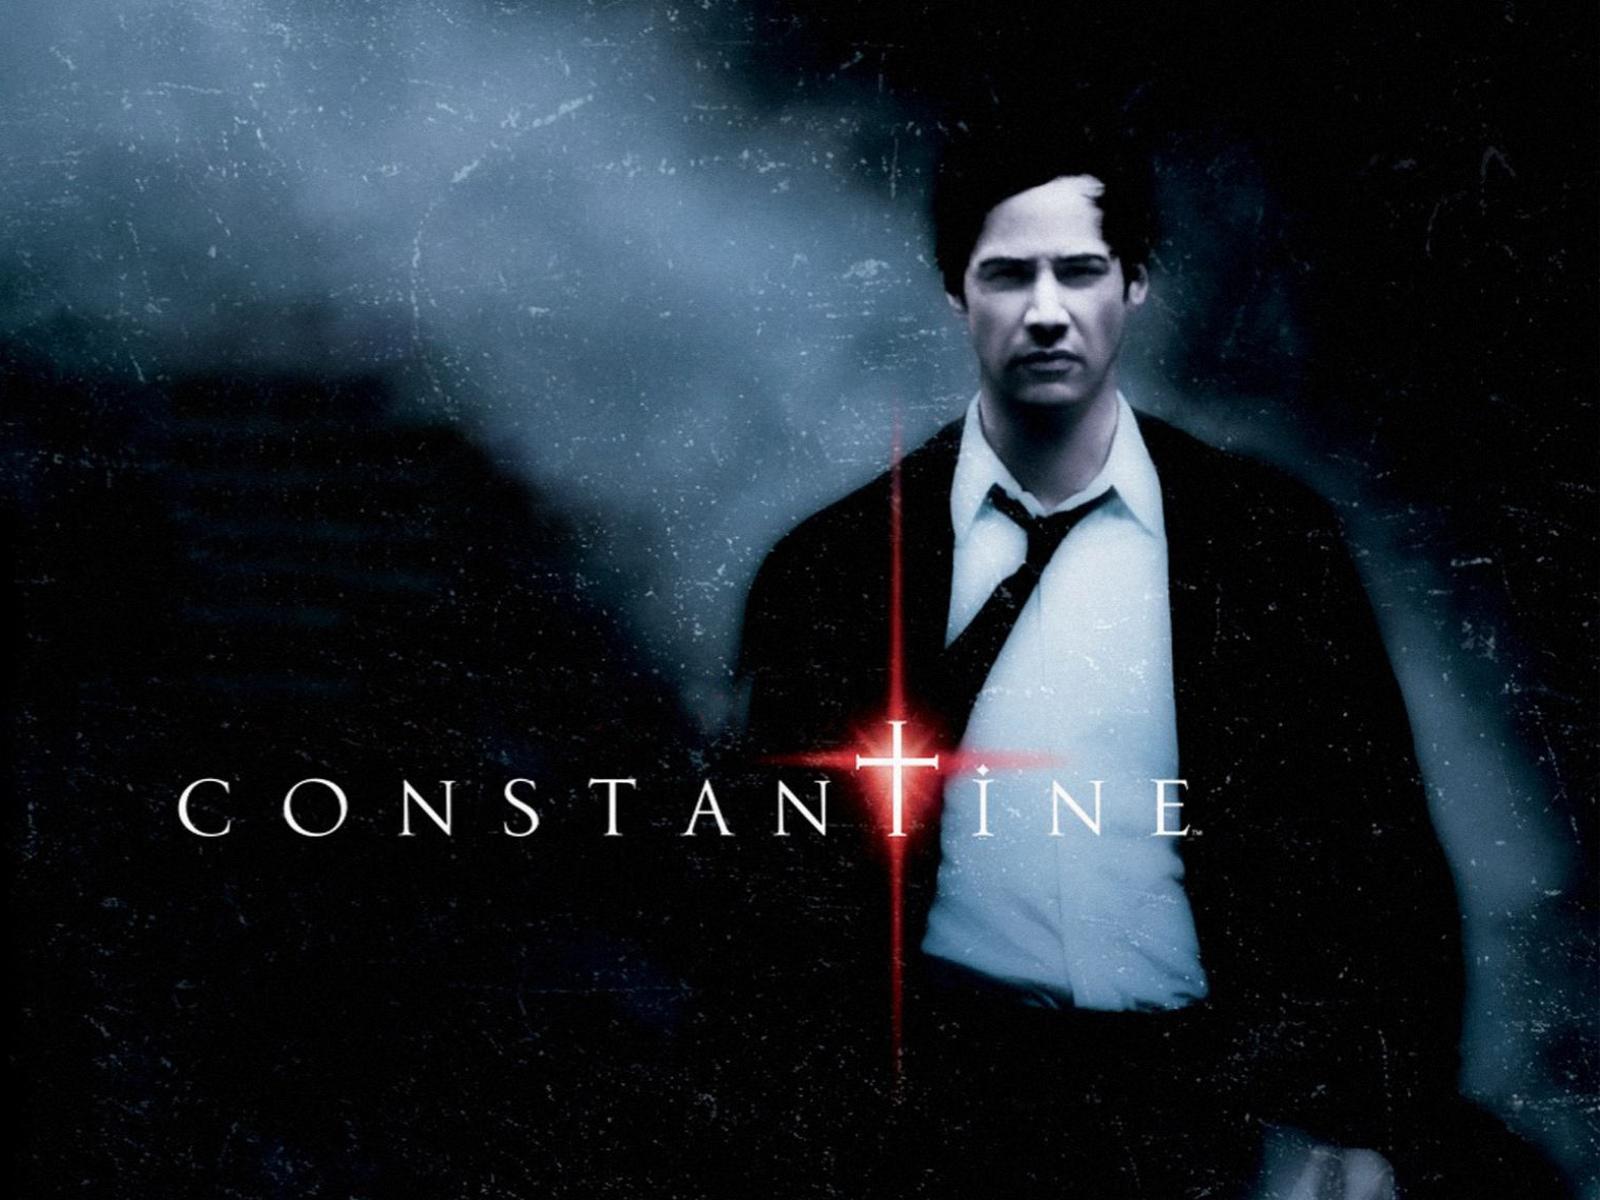 Константин: Повелитель тьмы (2 5) - смотреть онлайн